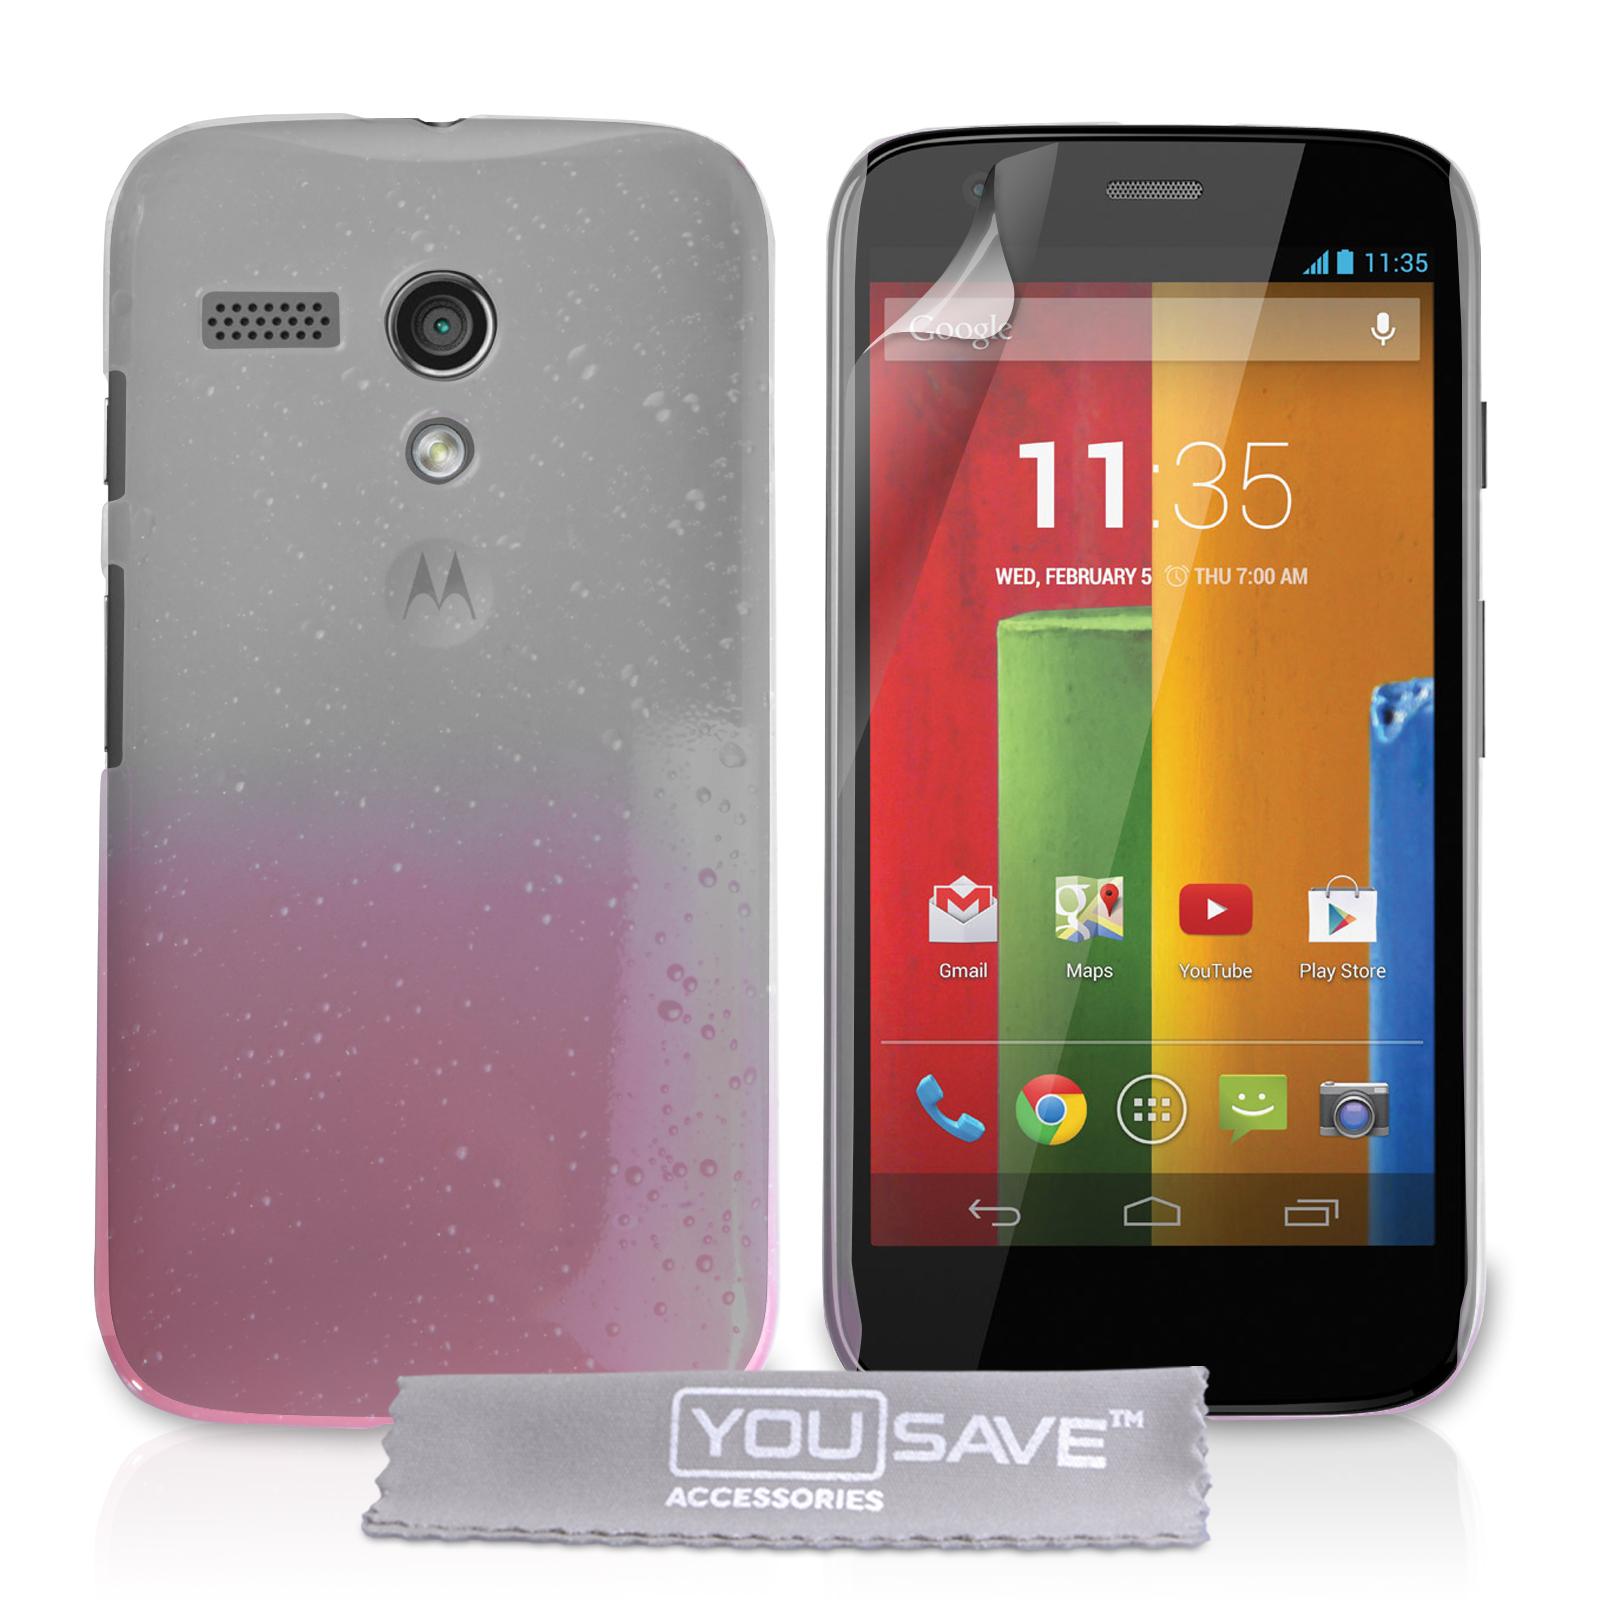 Θήκη Motorola Moto G by YouSave (Z212)